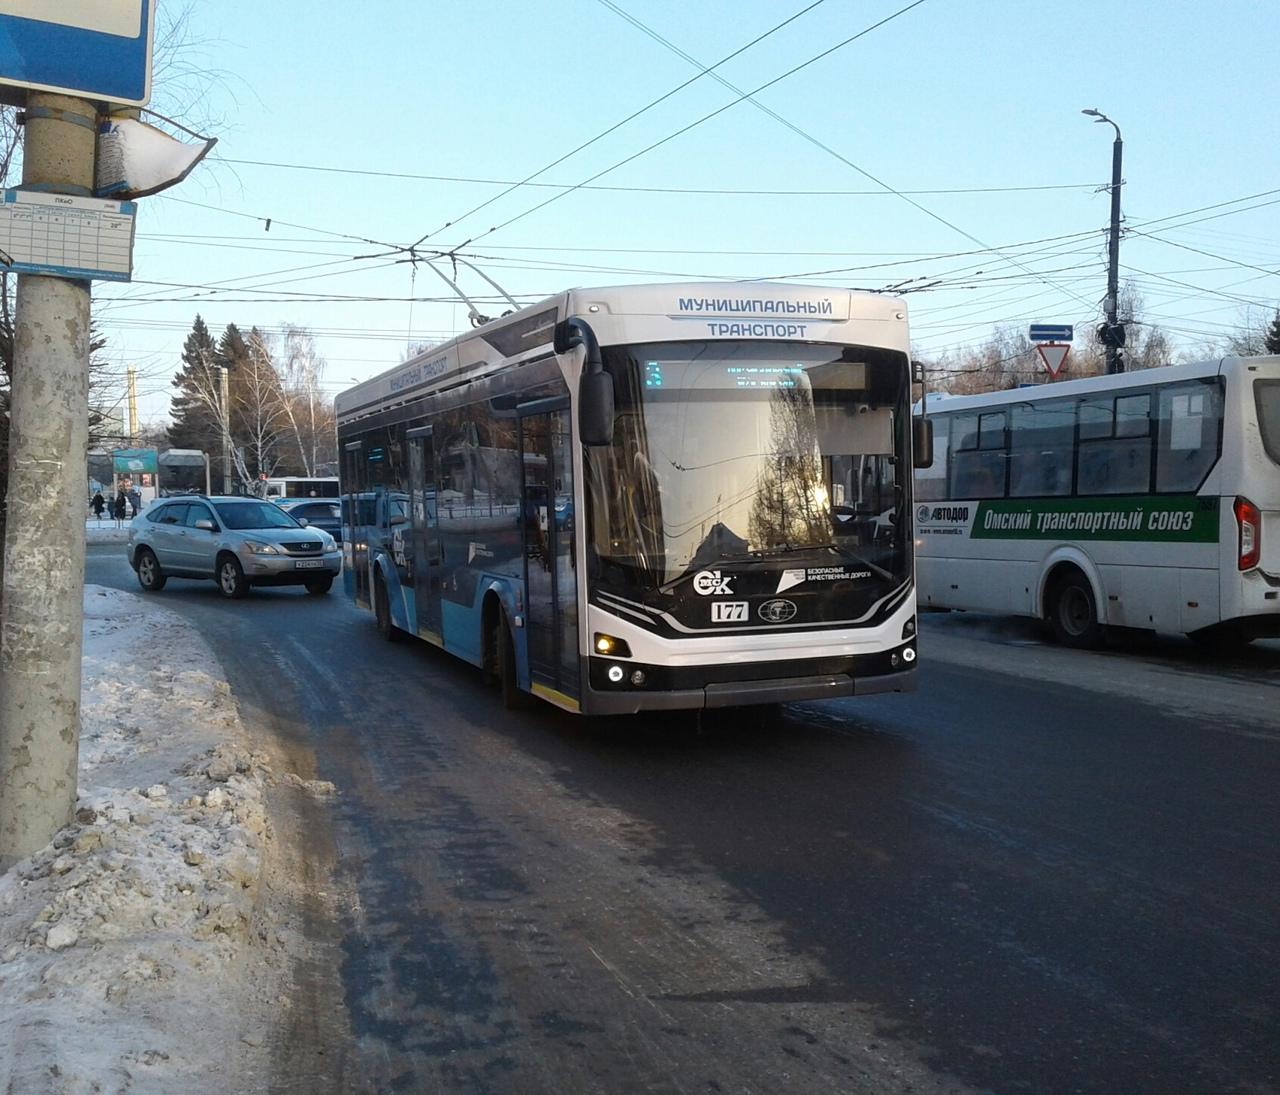 В новых троллейбусах «Адмирал» проехал весь Омск #Омск #Общество #Сегодня